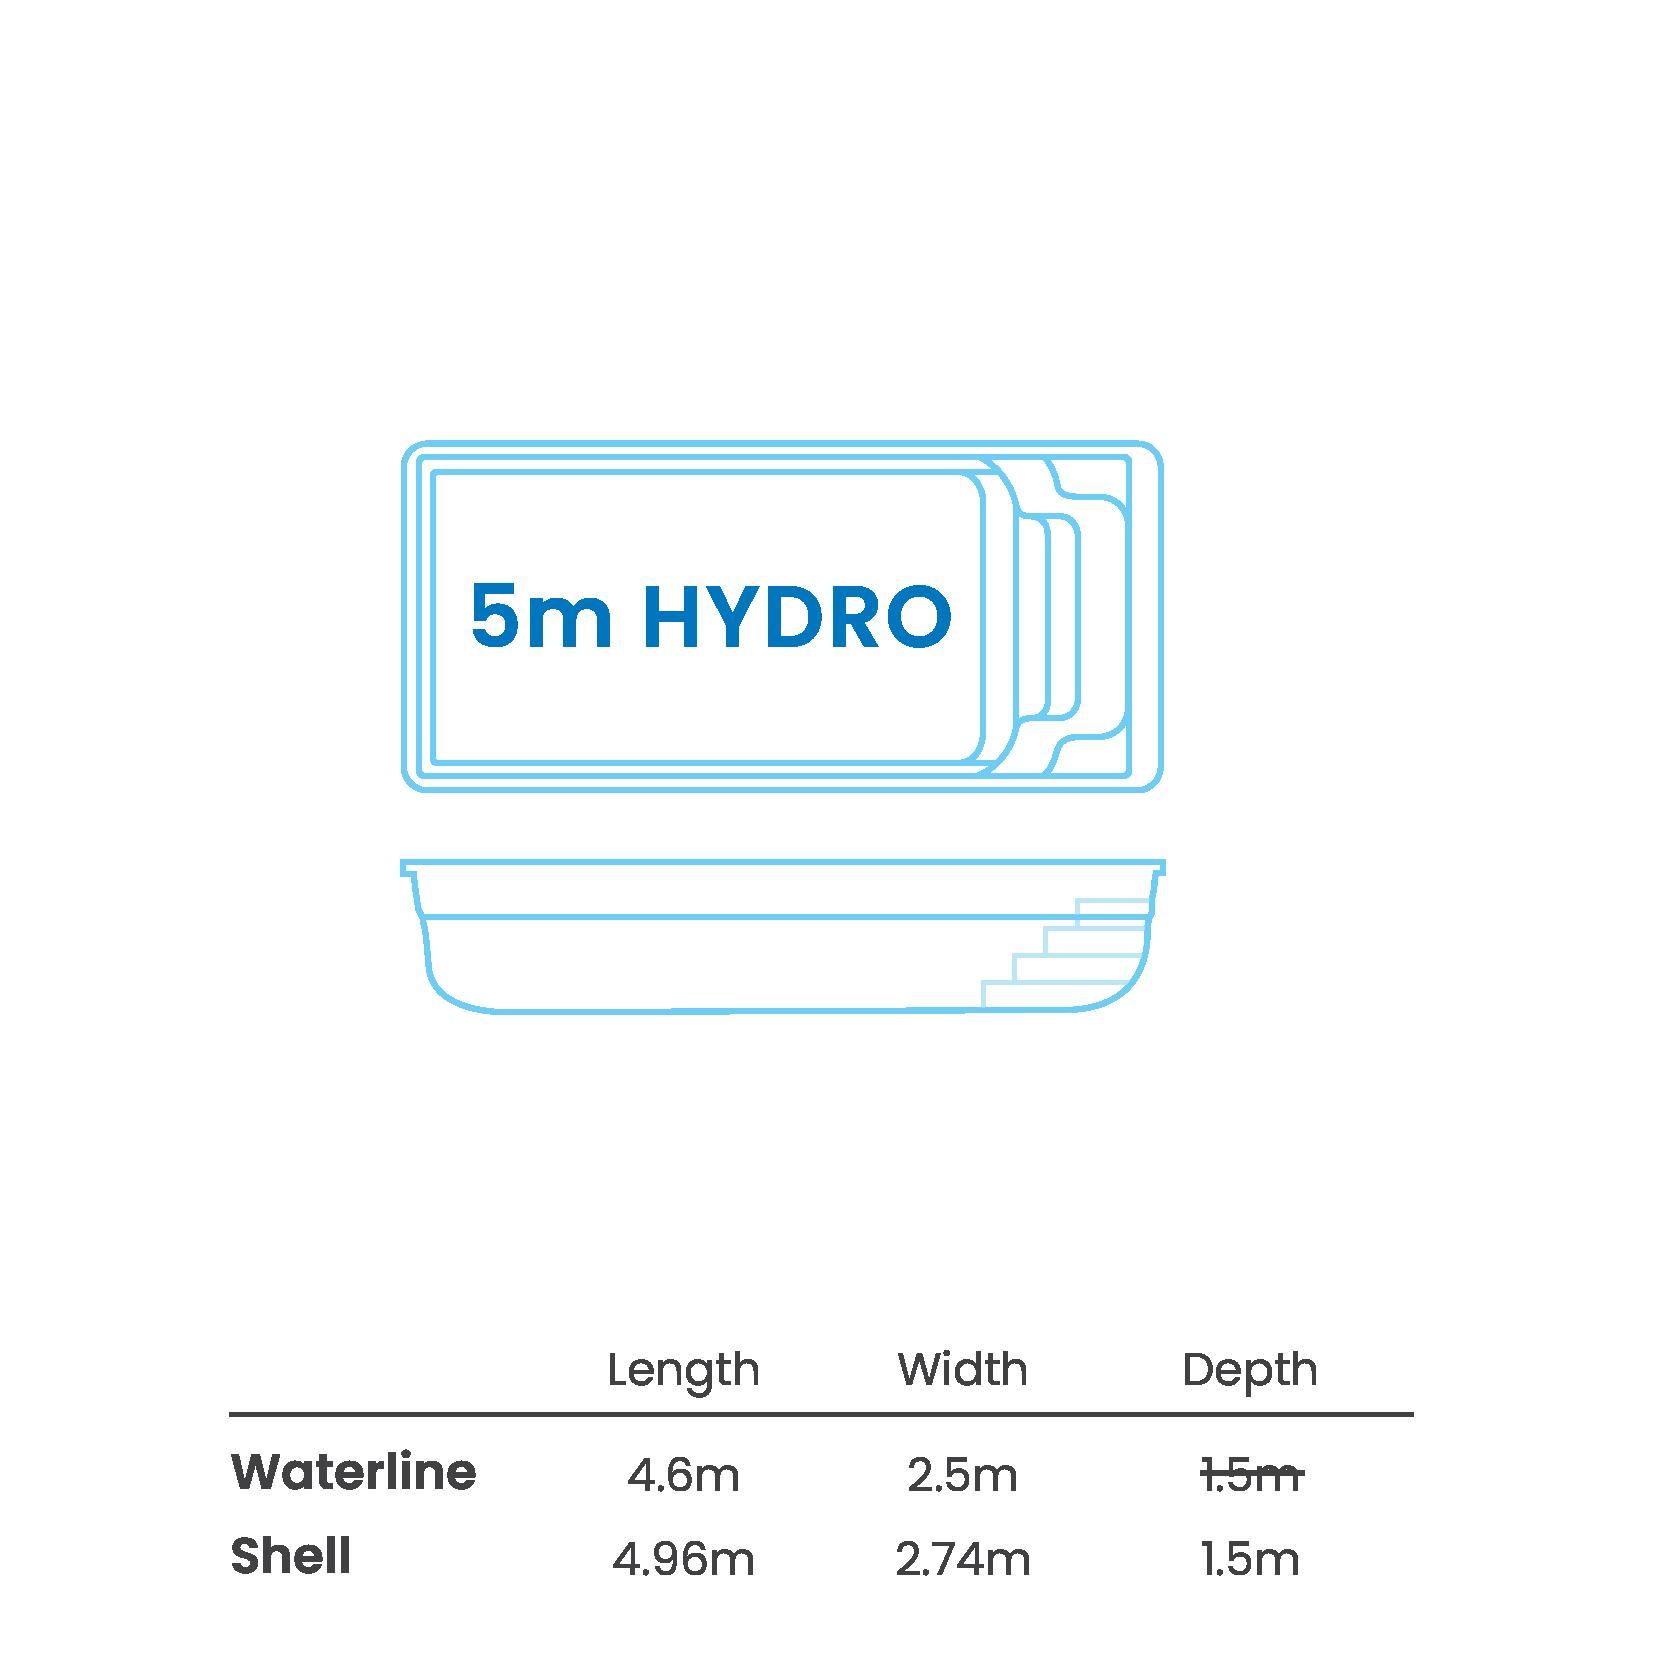 Hydro-5m